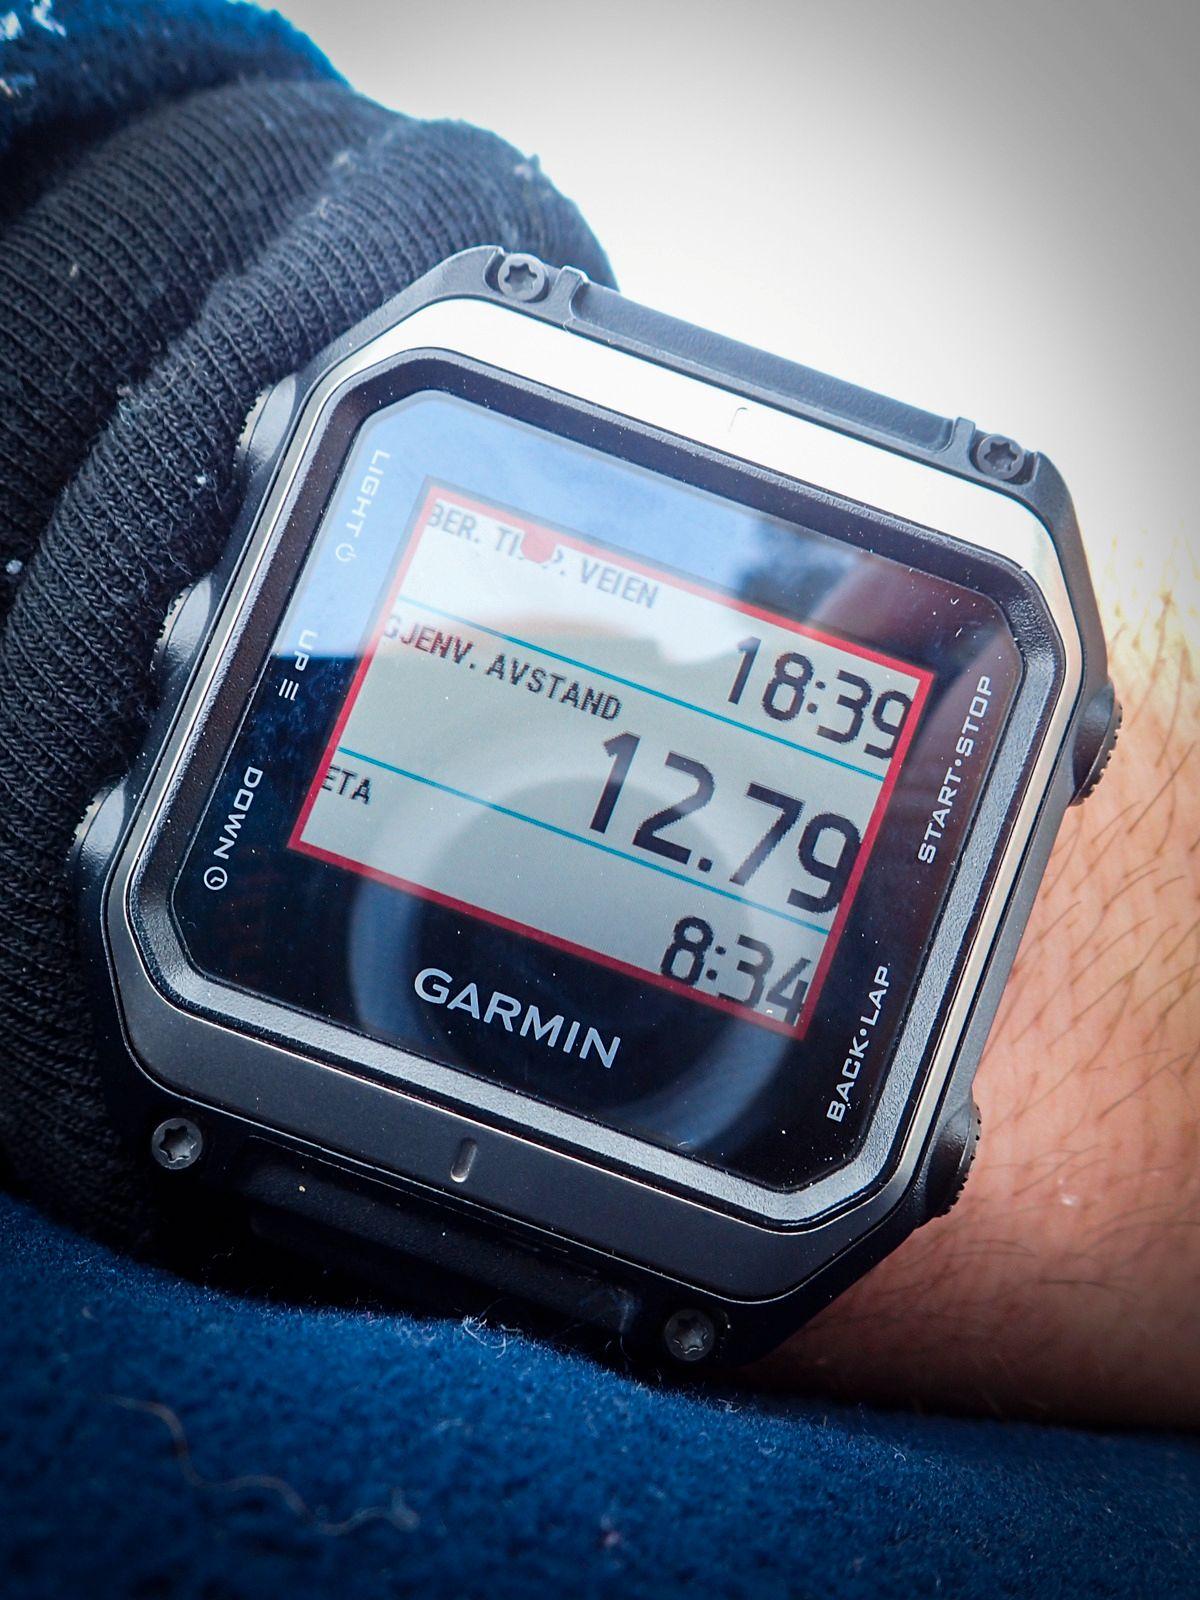 Jeg må innrømme at jeg ikke forstår meg helt på at «ETA» (estimert tid for ankomst) er 08:34. Da høres 18:34 mer riktig ut, men hva «Ber. TI [RØD PRIKK]P. Veien» egentlig betyr, forstår jeg egentlig ikke helt... Men det viktigste er at jeg fortår at jeg har 12,79 kilomter igjen.